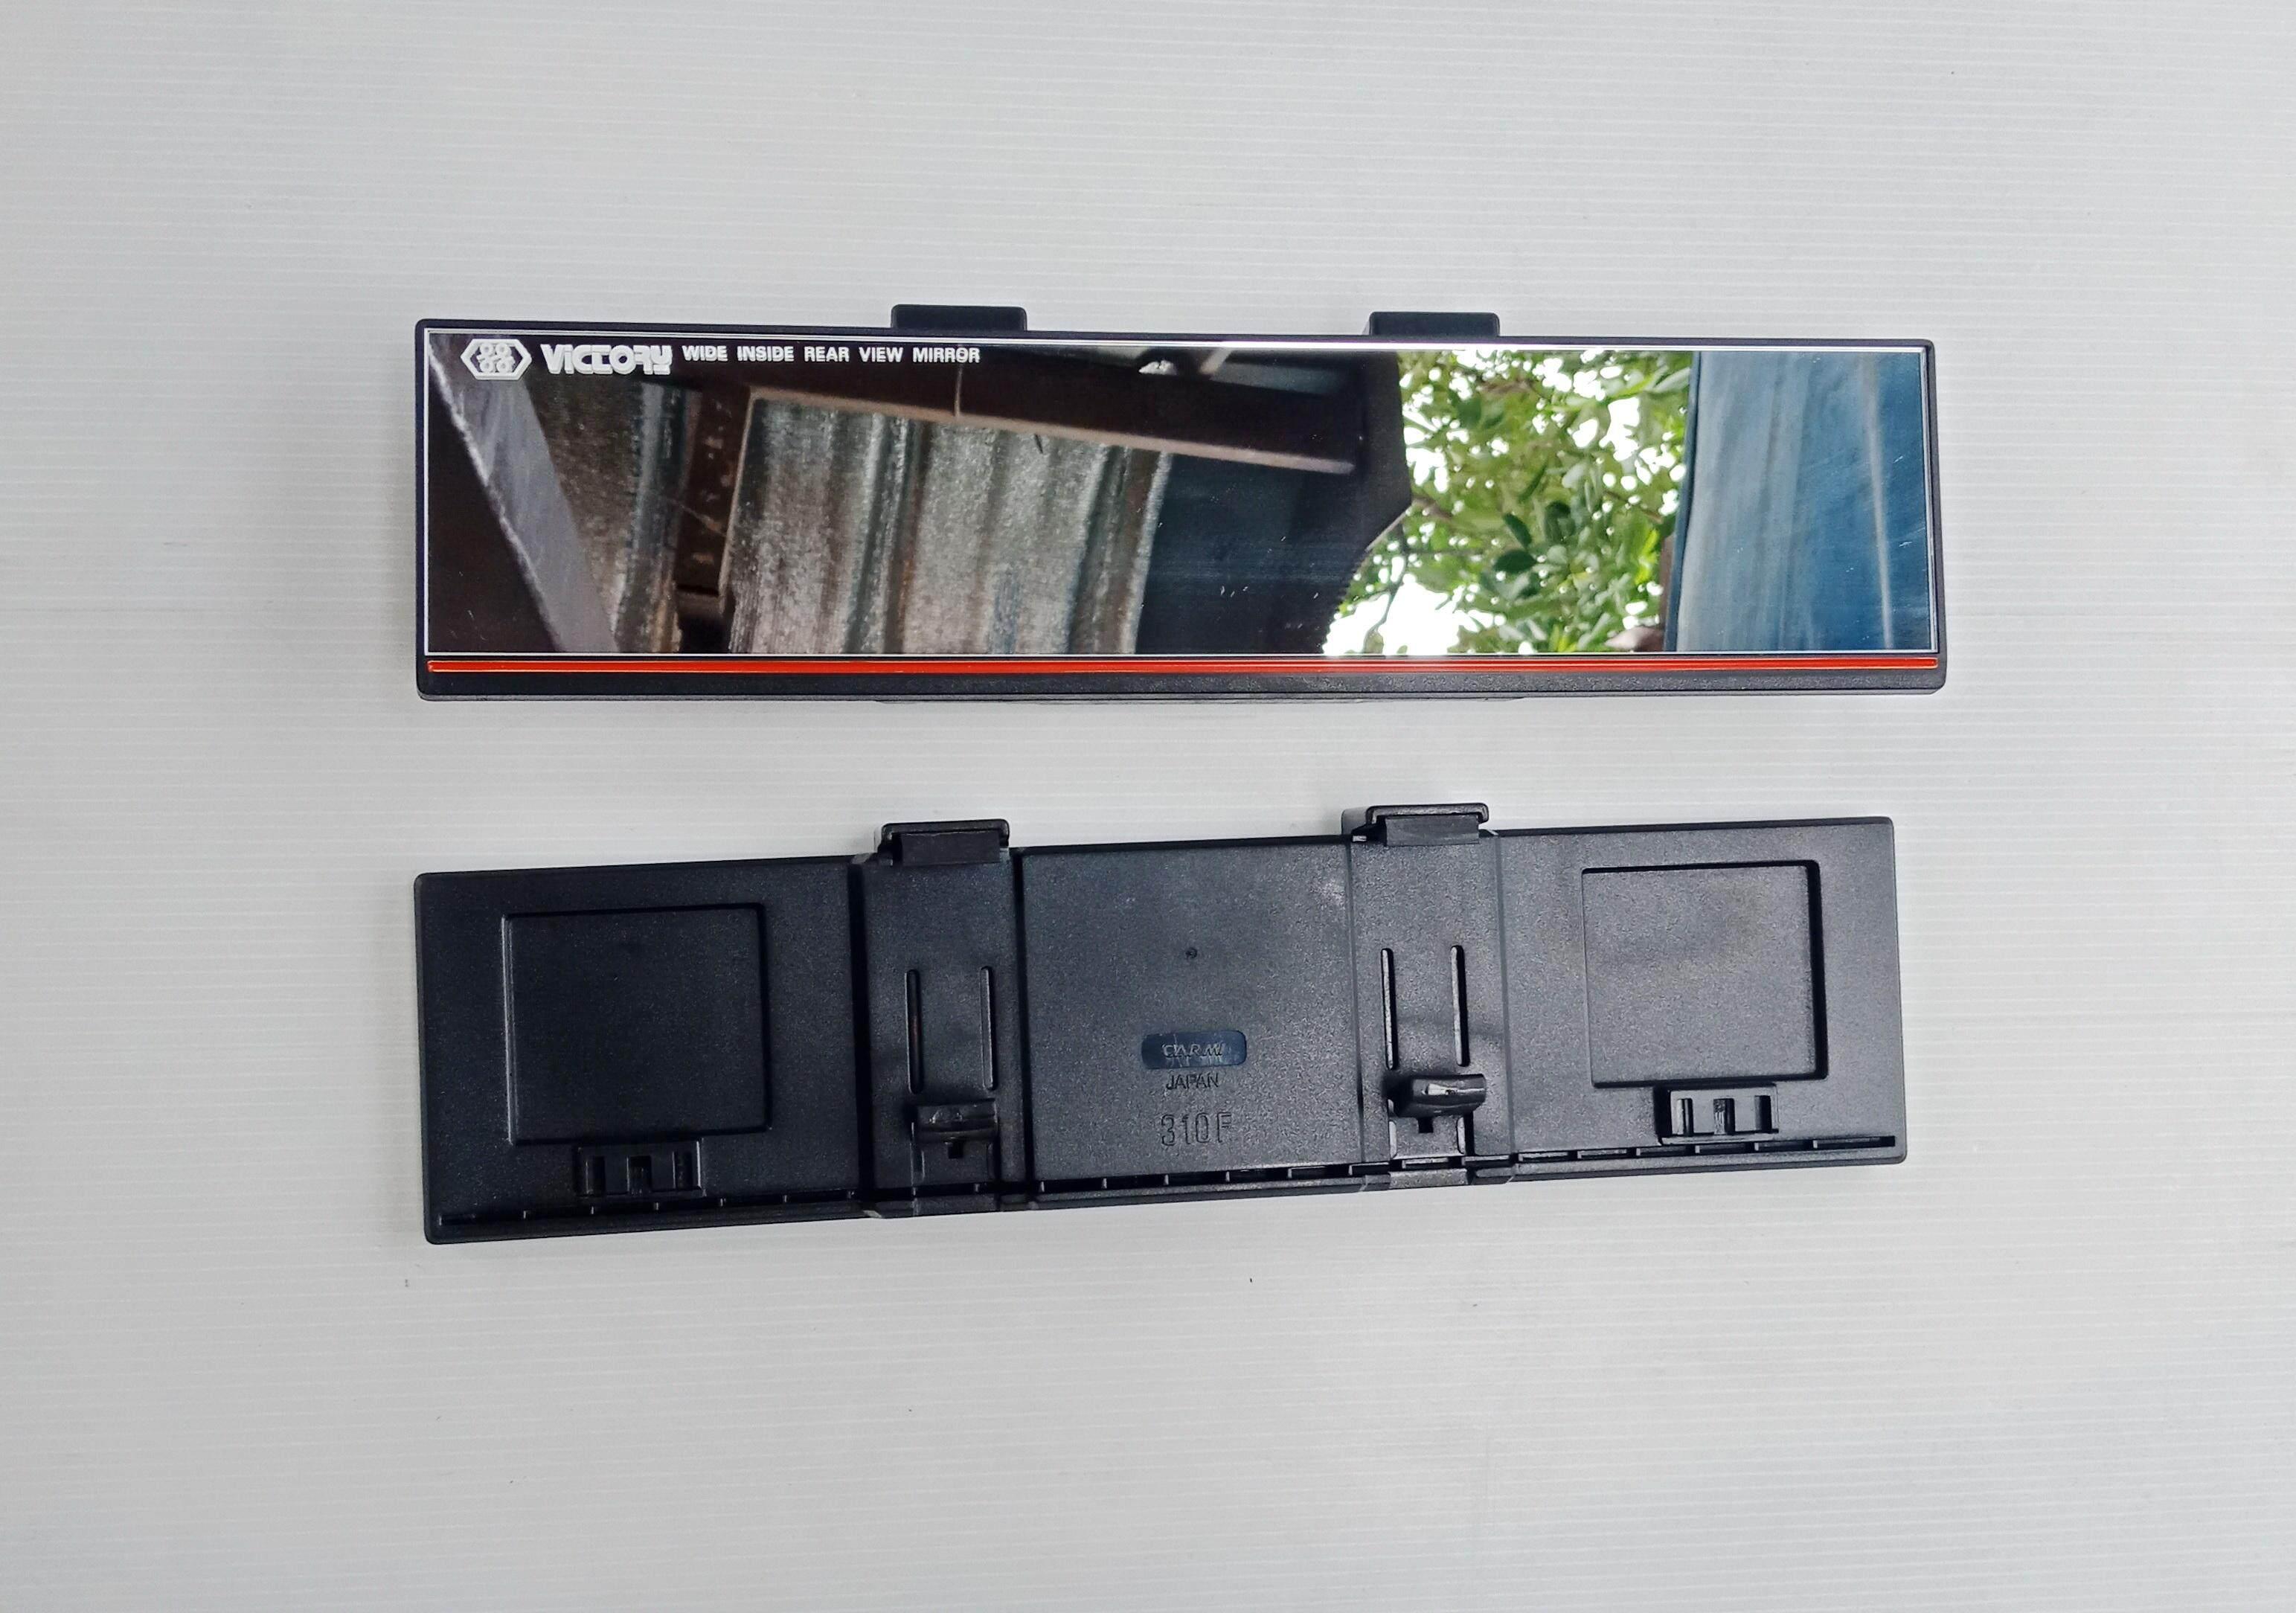 กระจกมองหลังตัดแสง มุมกว้าง เคลือบสารโครเมี่ยม กระจกมองหลัง กระจกมองหลังเสริม เลนส์กว้างพิเศษ กระจกมองหลังตัดแสง ใส่ได้รถทุกรุ่น กระจกส่องหลัง ในรถยนต์ กระจกมองหลังกรองแสง กระจกมองหลังใหญ่ ยาว 310 Mm(เส้นสีแดง).